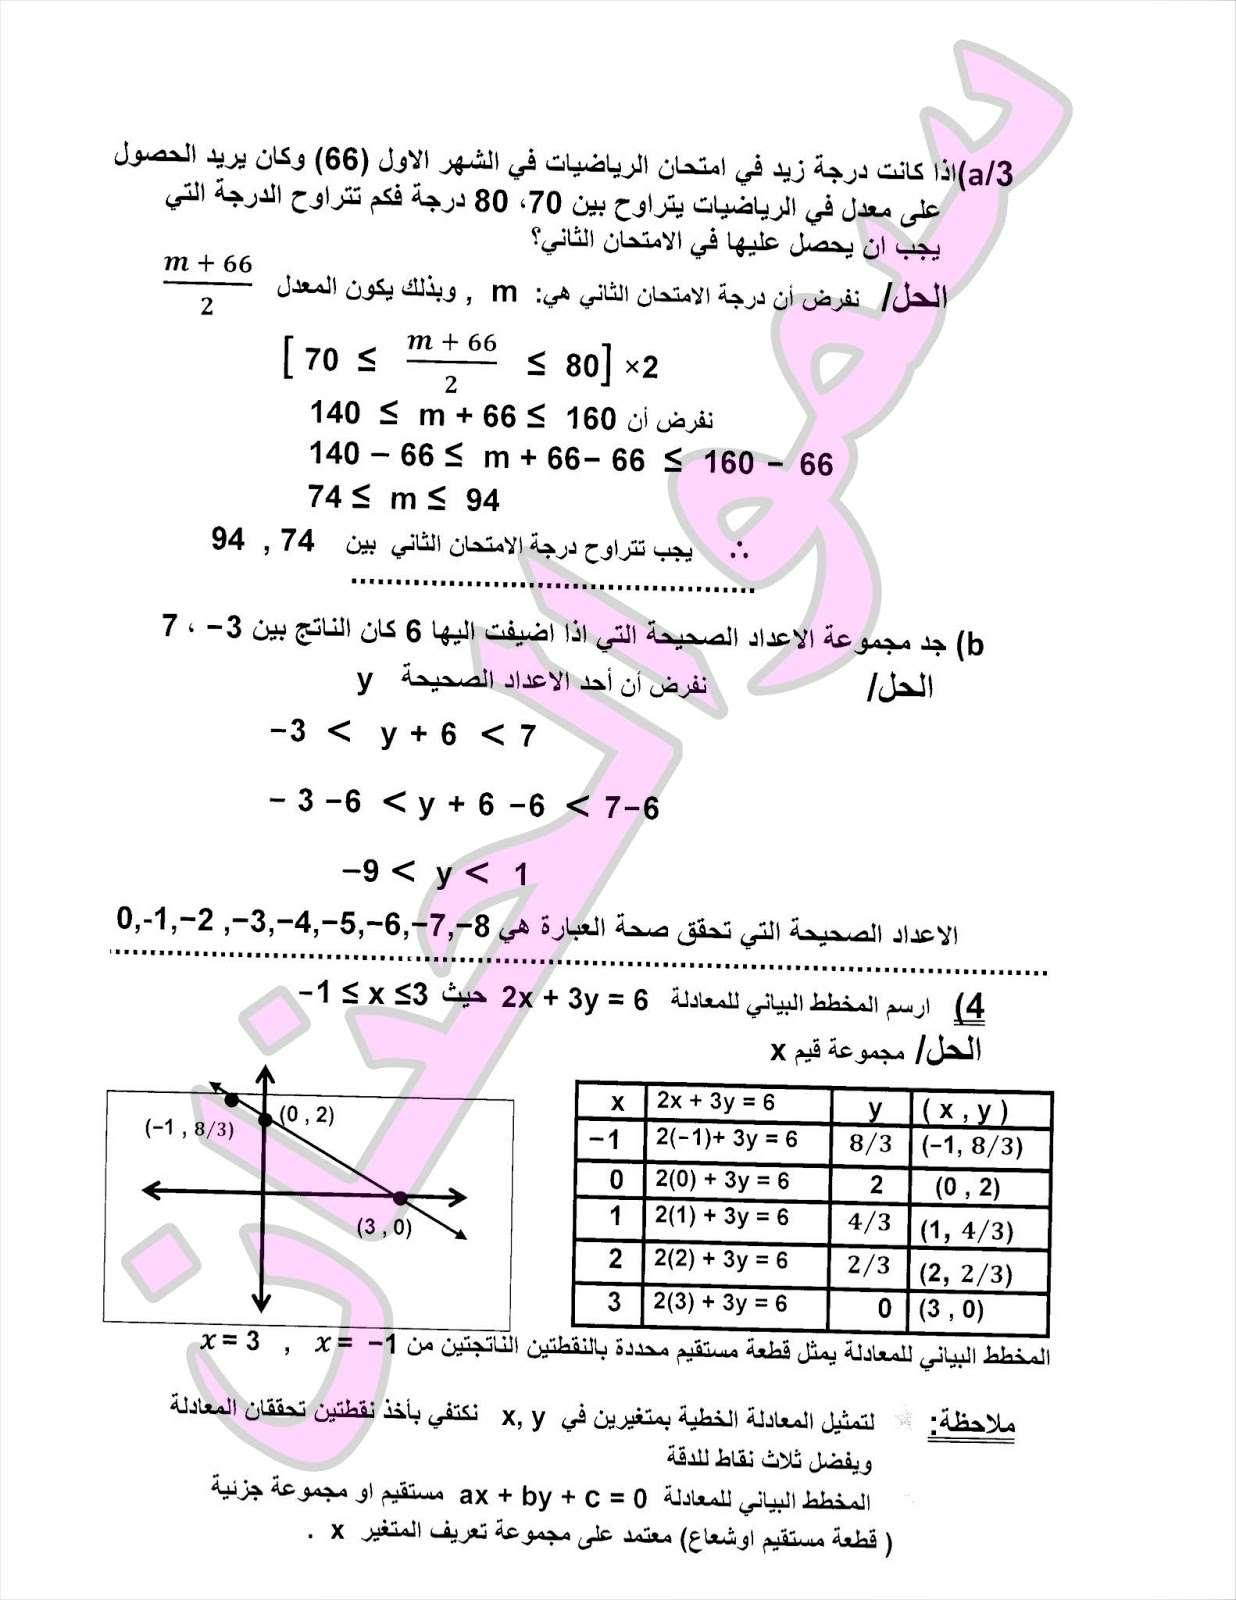 المراجعة المركزة وملخص لمادة الرياضيات للصف الثالث المتوسط 2017 | الجزء 2 1211